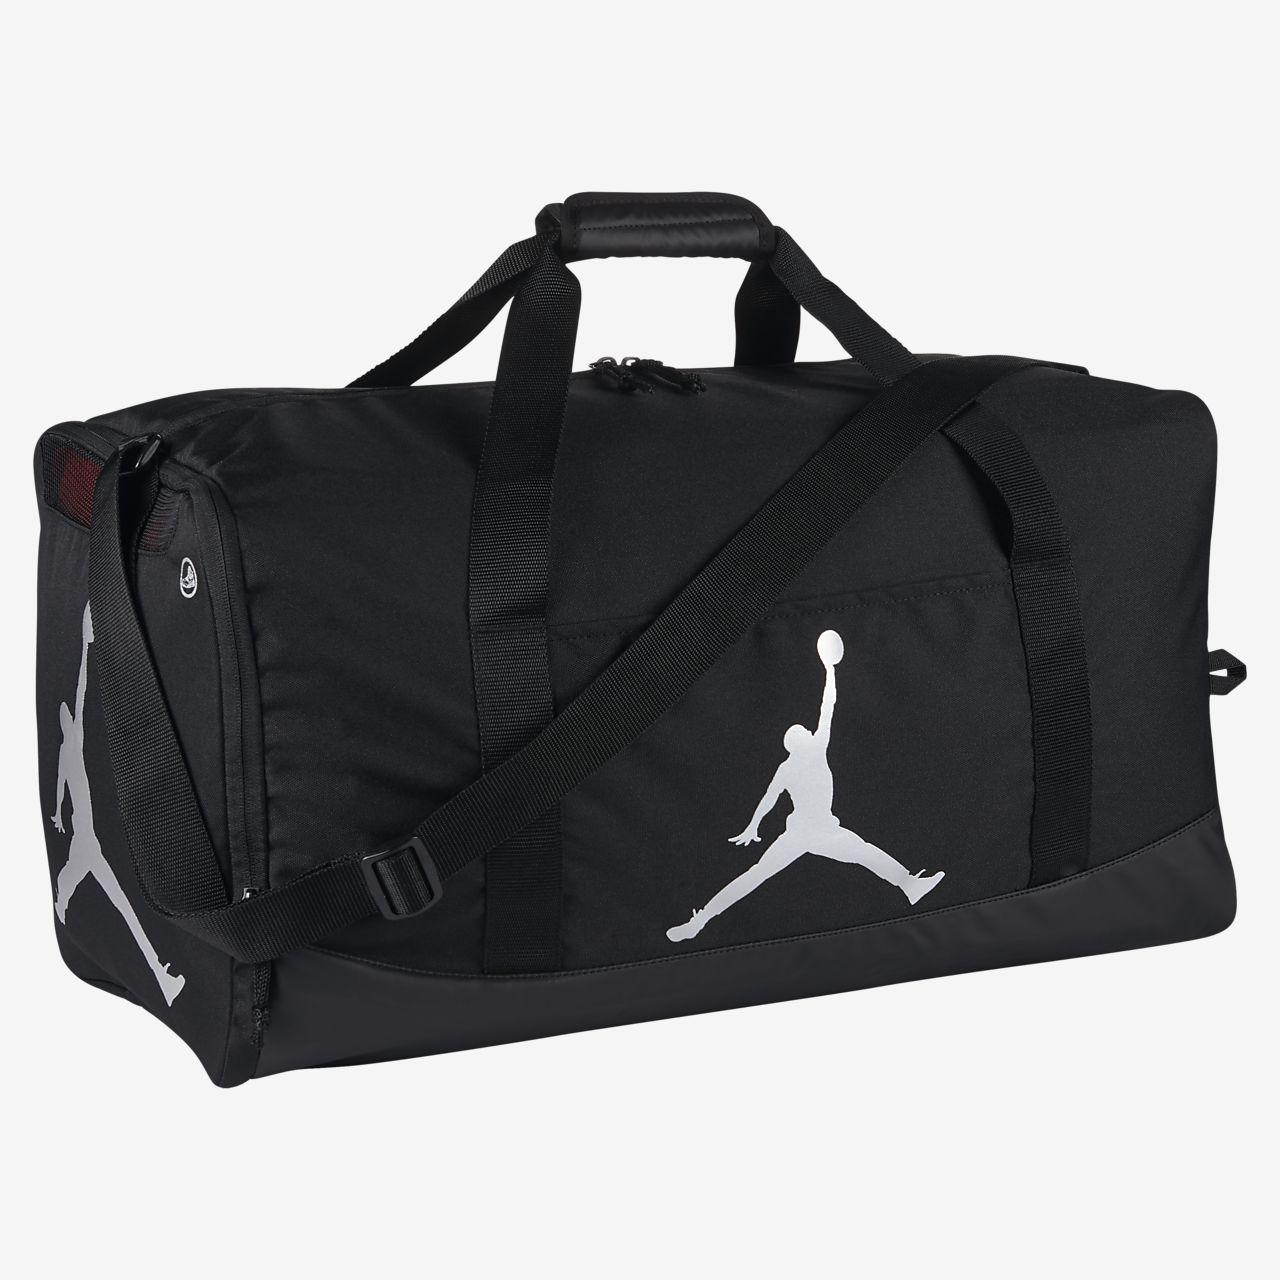 2df07124c268f0 Jordan Trainer Duffel Bag. Nike.com LU